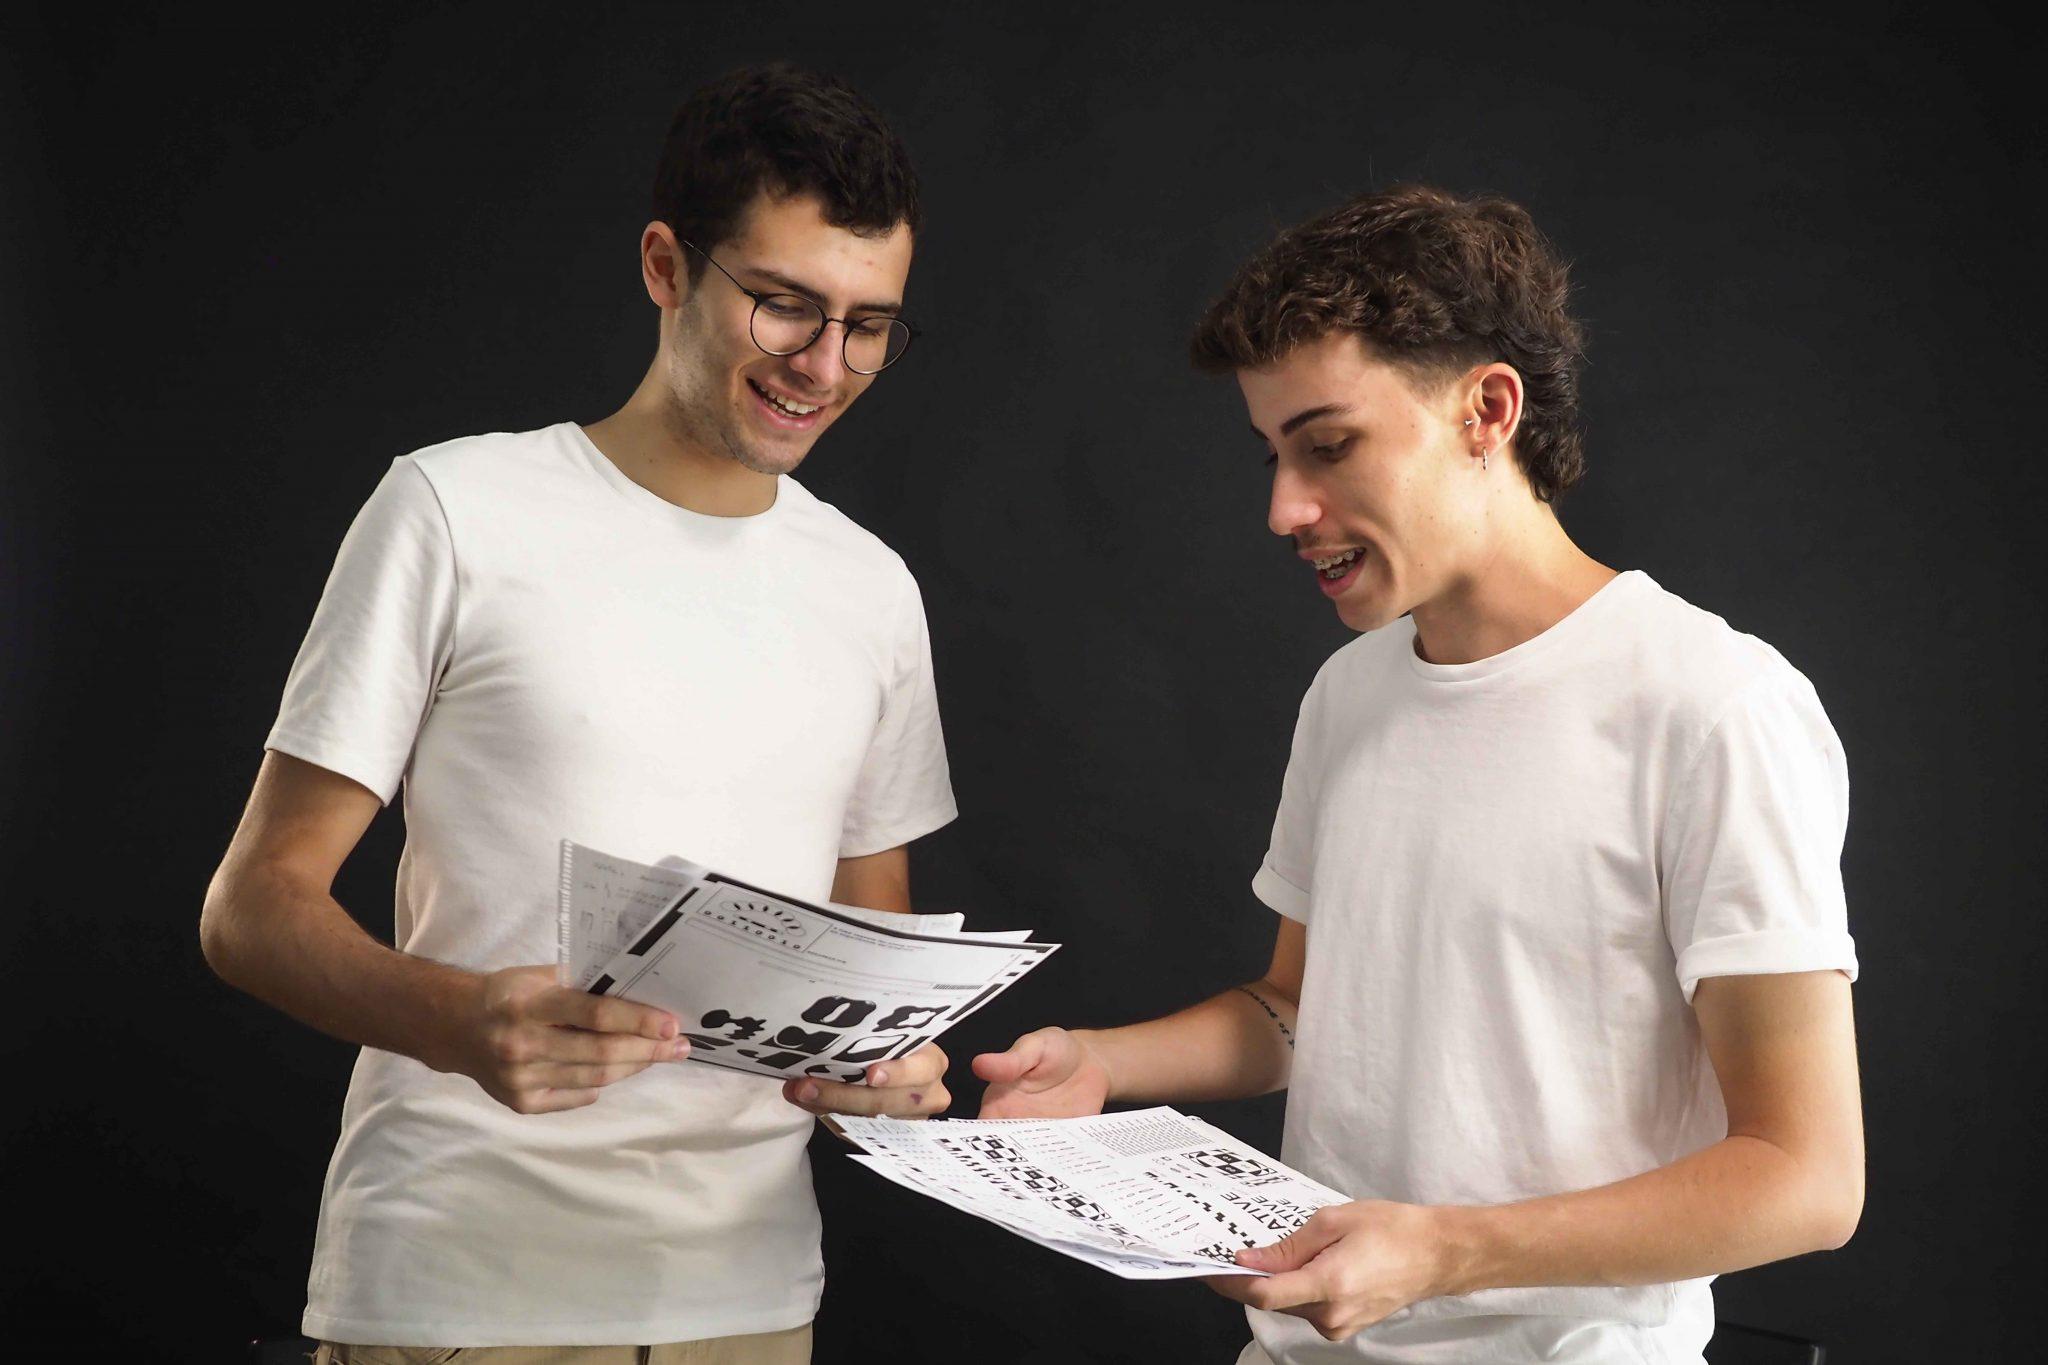 Héctor Mangas y David Ujja son los creadores de '00110010', una plataforma que permite a los artistas medir su evolución técnica en un proceso de dos años. FOTO: Sergio Méndez